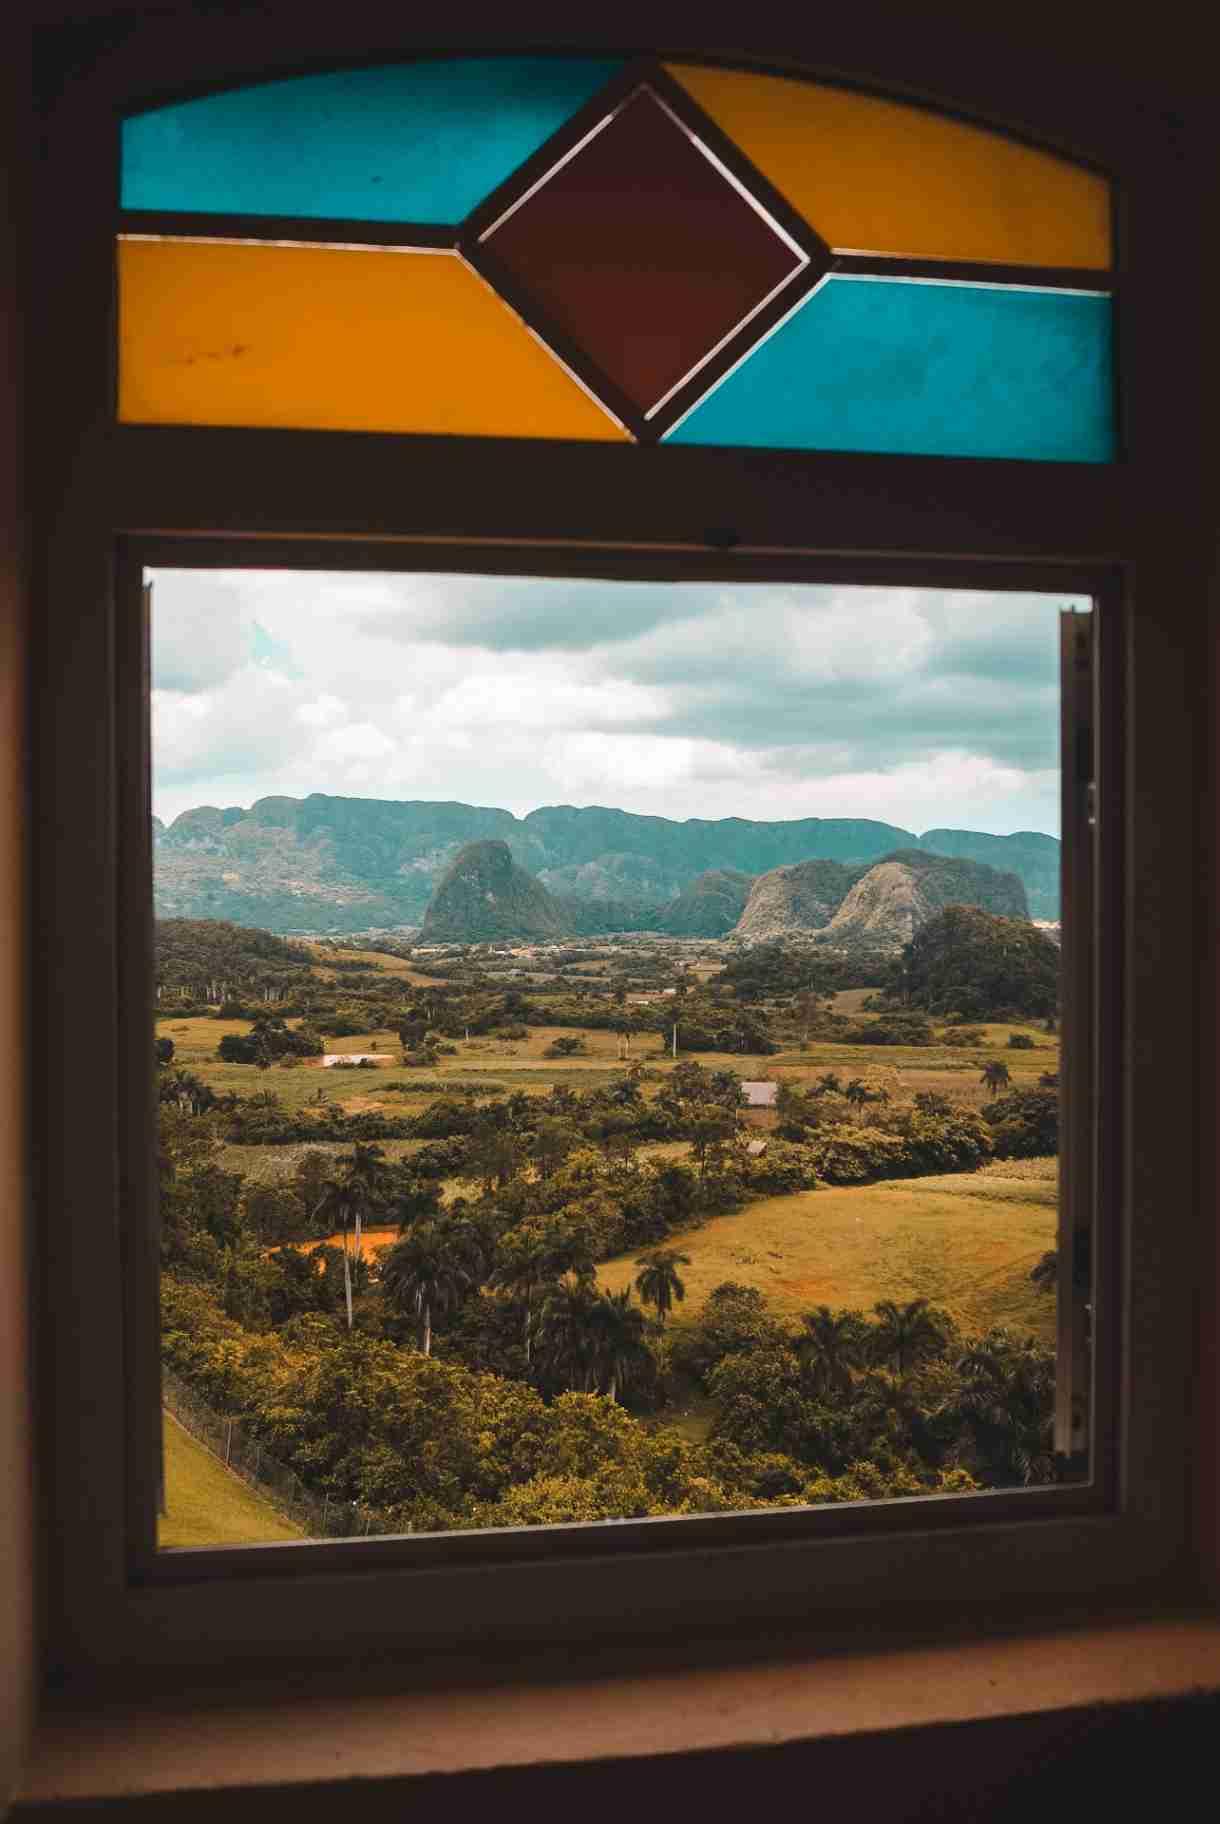 Obra: La ventana de Viñales